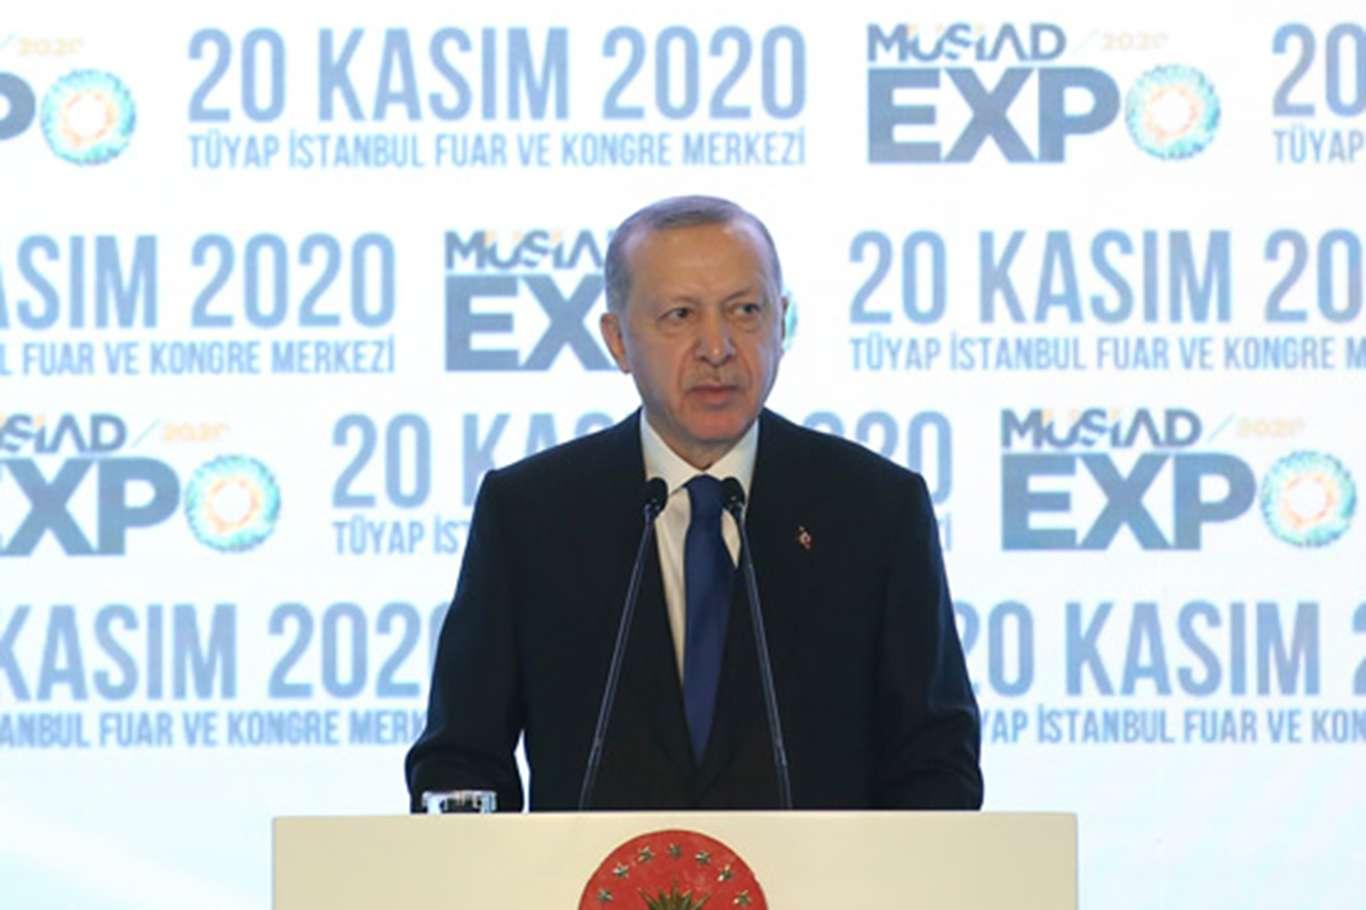 Cumhurbaşkanı Erdoğan: Bazı acı ilaçları içmemiz gerektiğinin farkındayız